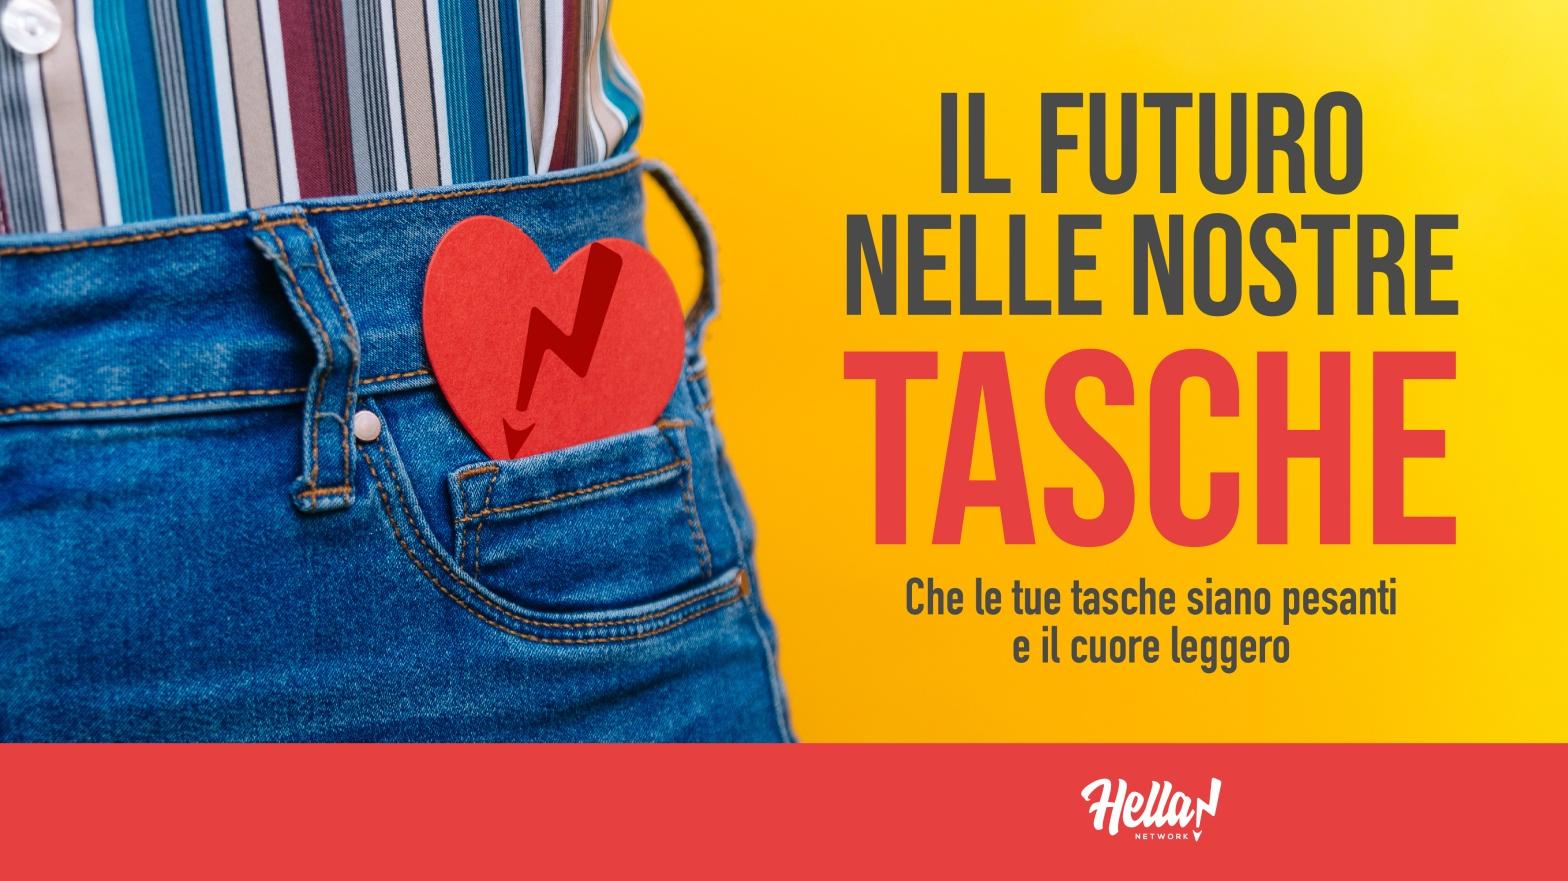 Il futuro nelle nostre tasche. Che le tue tasche siano pesanti e il cuore leggero.